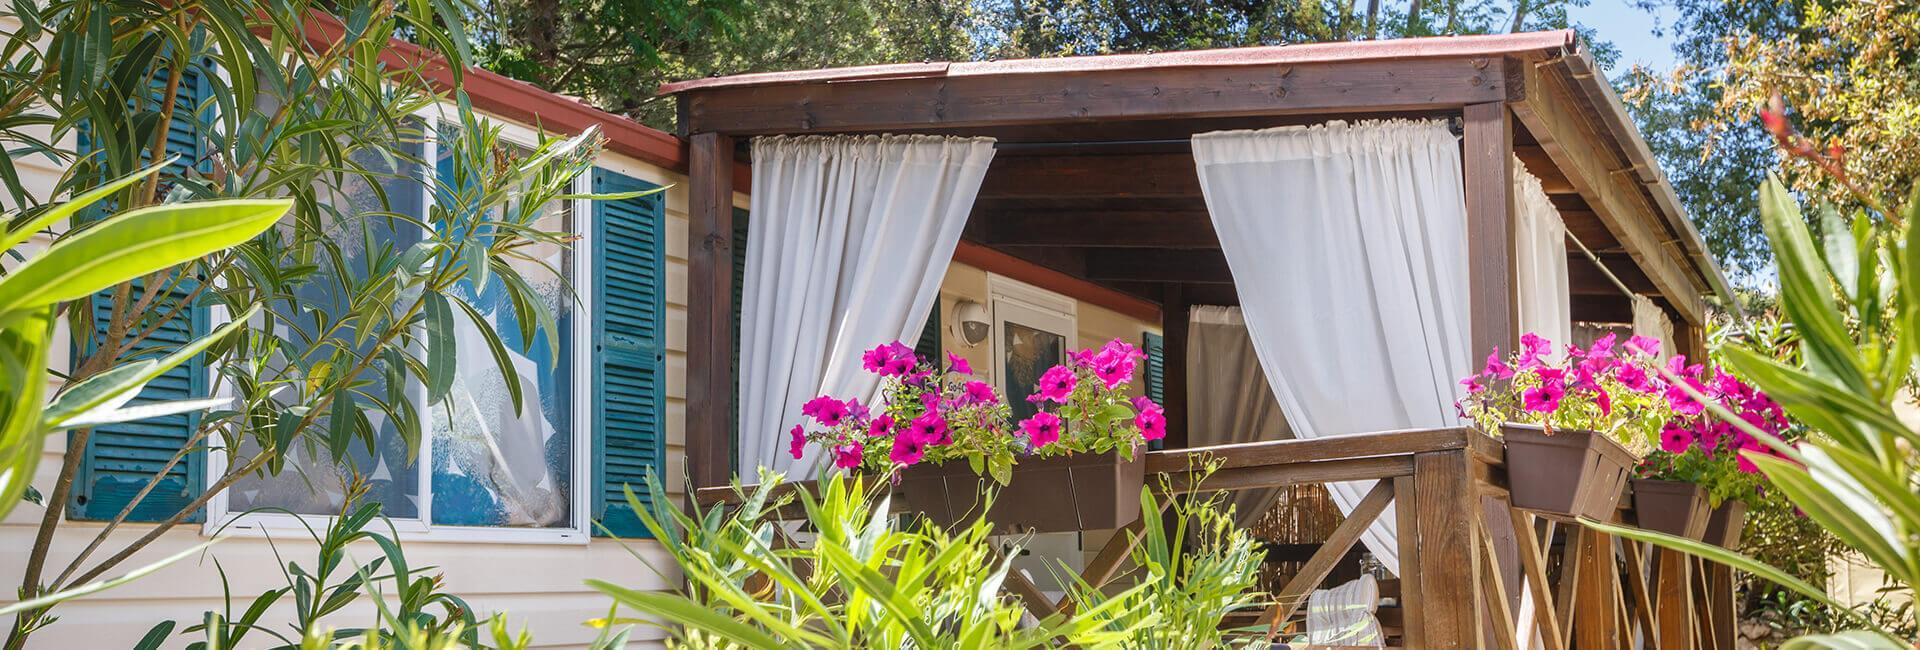 Campingplatz Tina